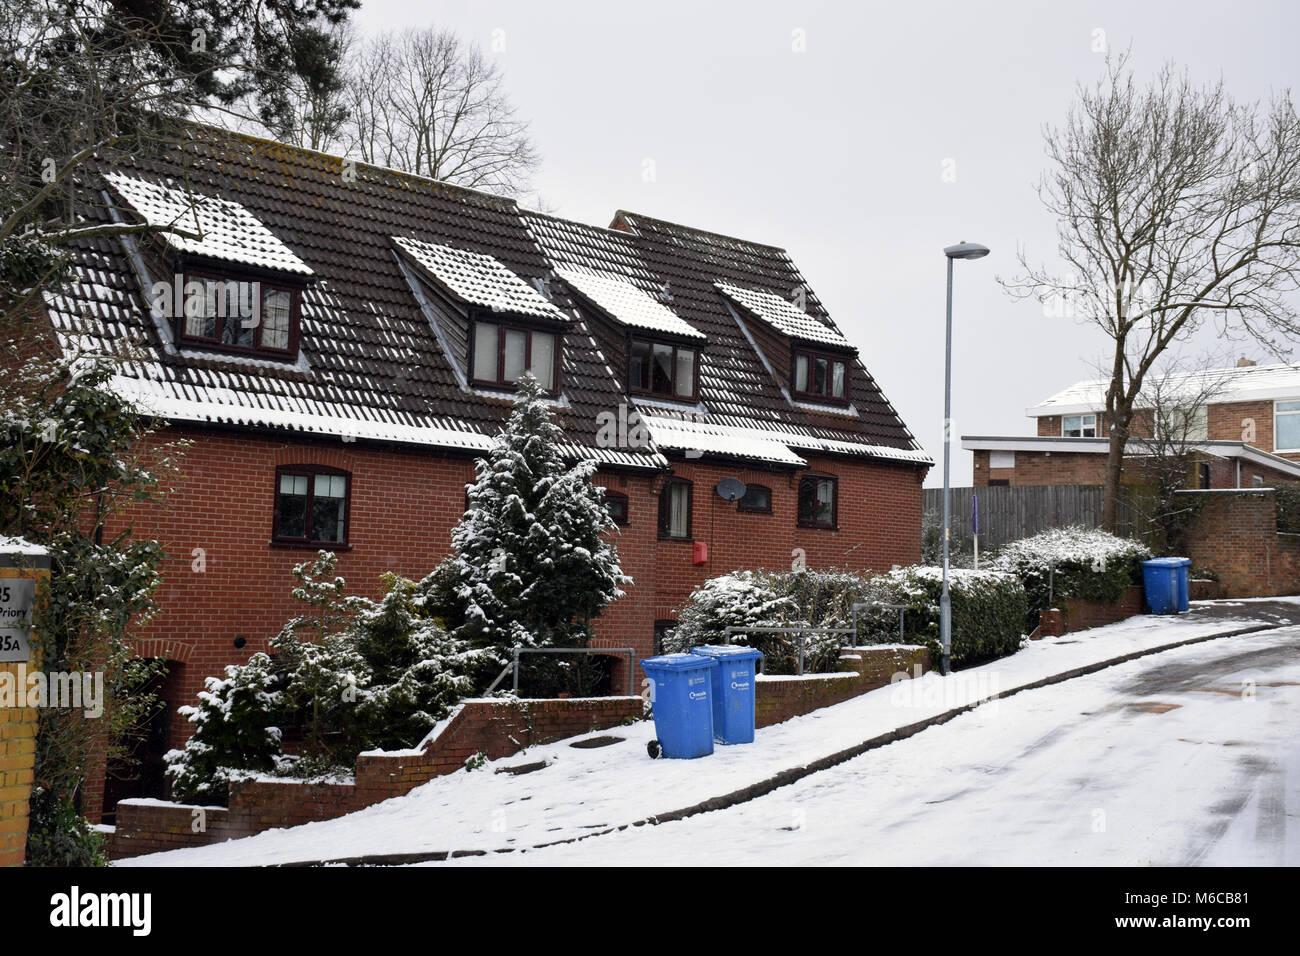 Mal aislamiento del techo en estas casas, Norwich Feb 2018 UK Imagen De Stock